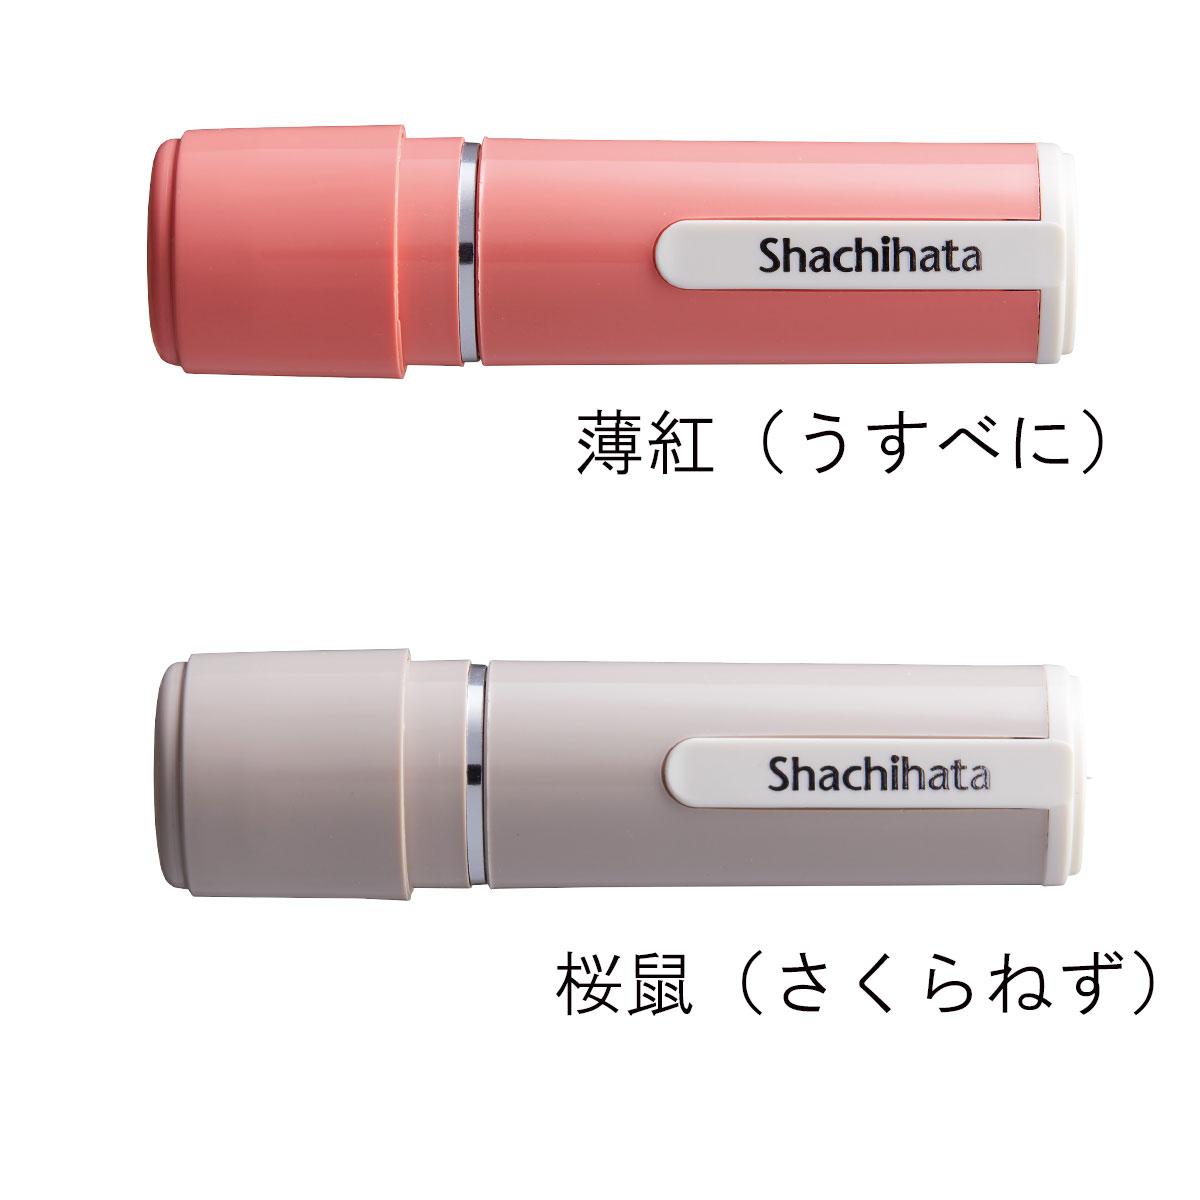 シヤチハタ ネーム9 日本の伝統色